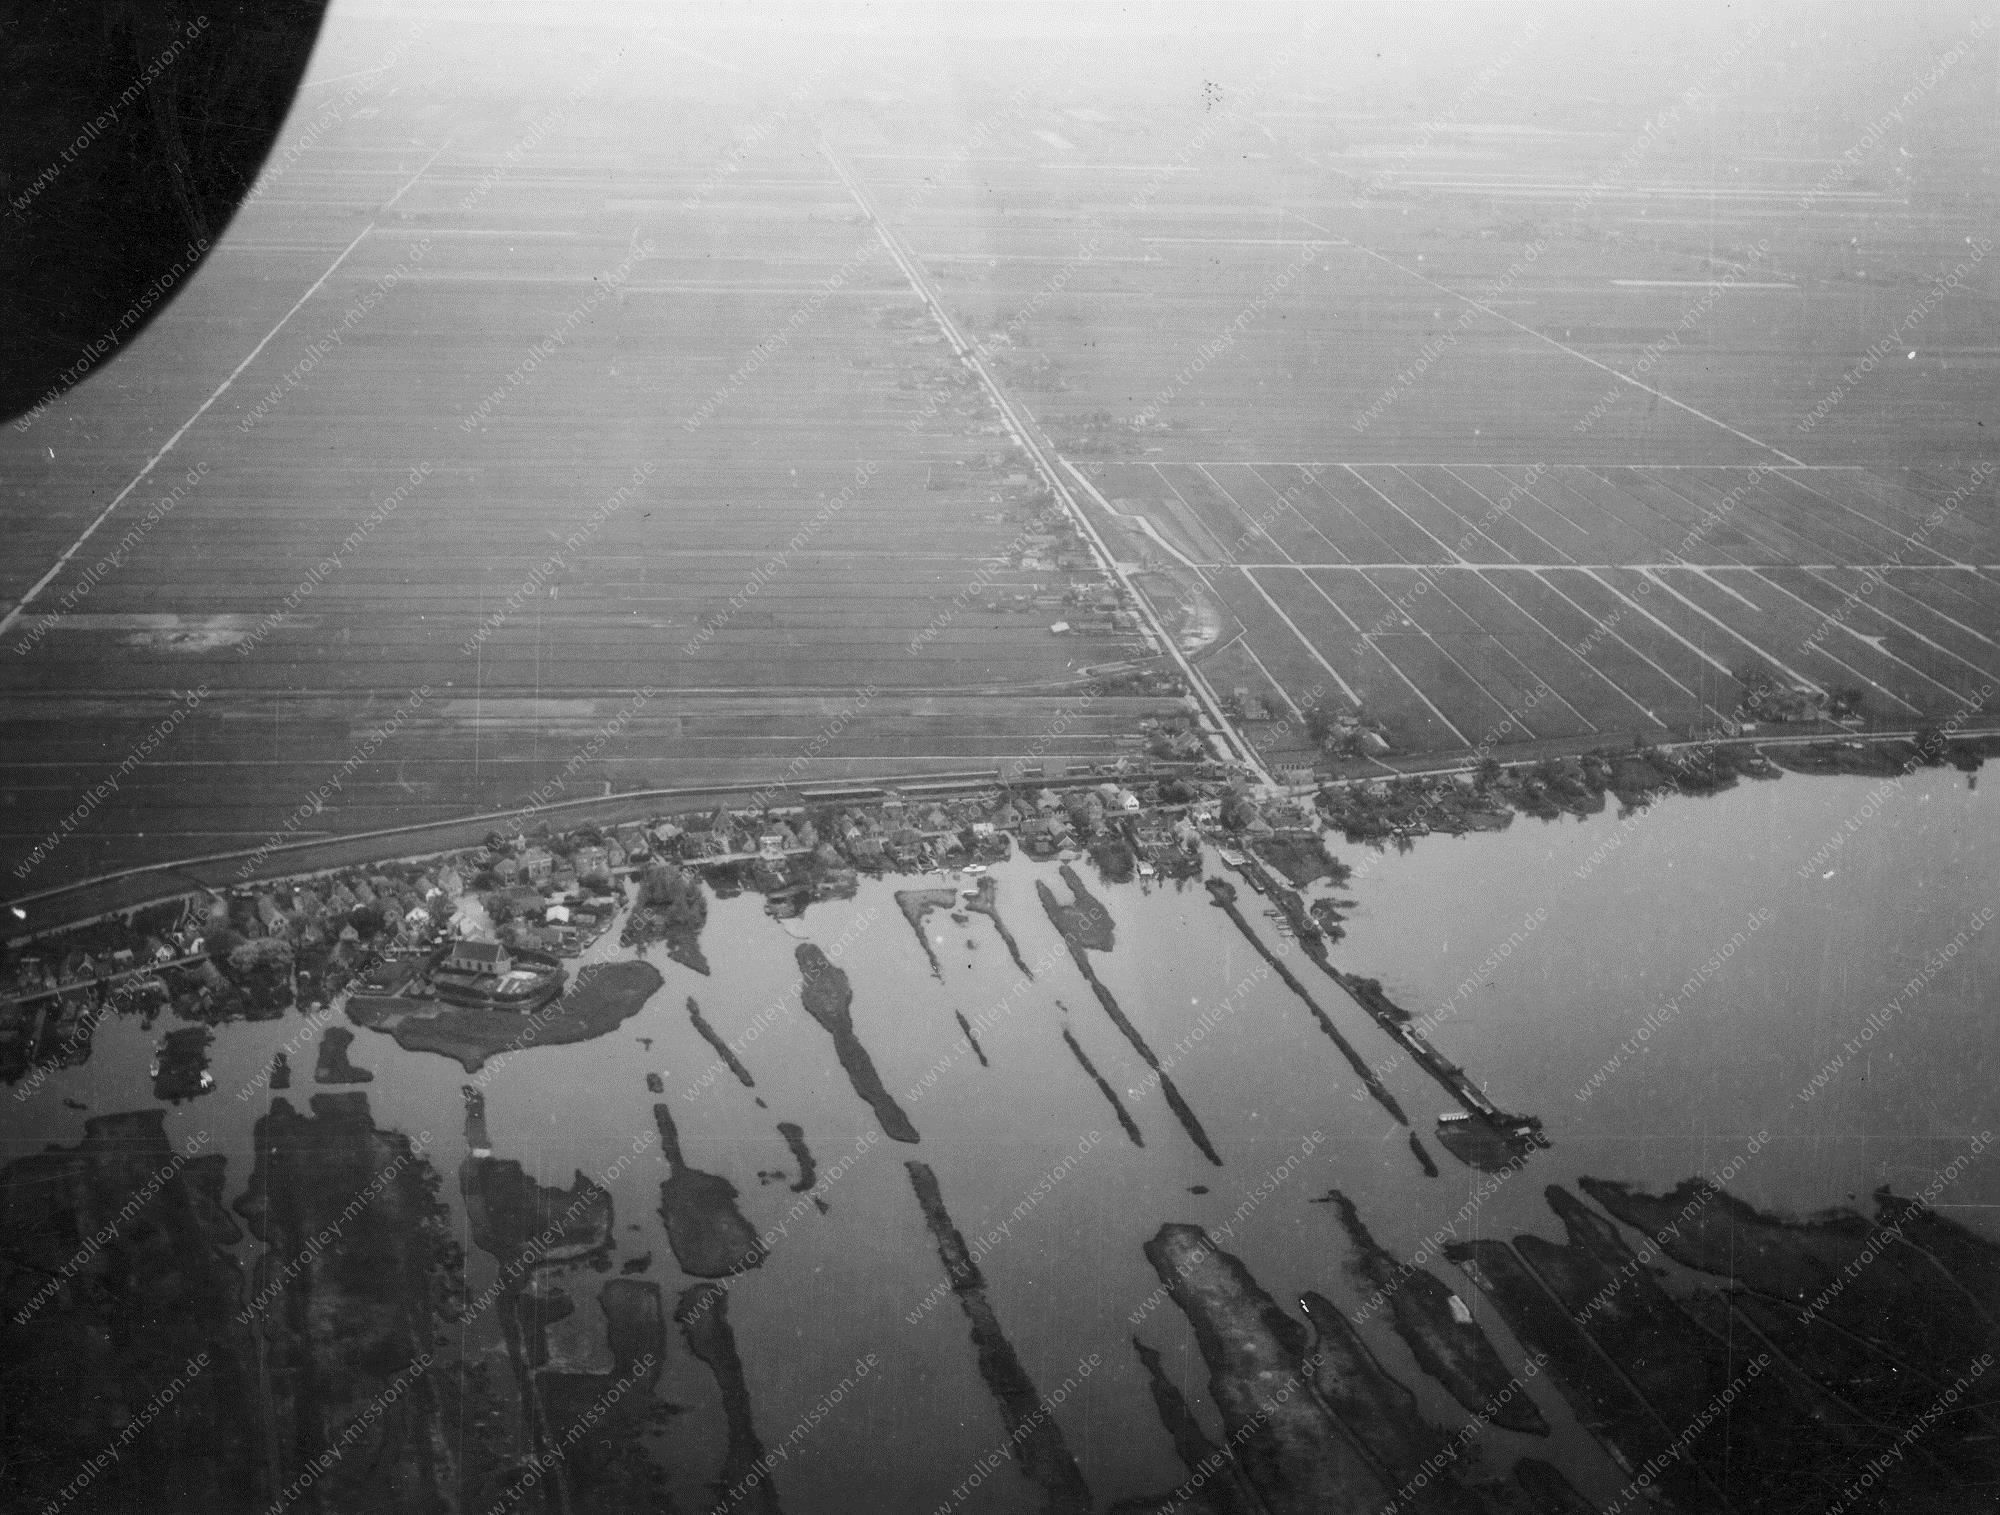 Unbekanntes Luftbild Überschwemmte Landschaft mit Luftschraube im Bild, kleines Dorf